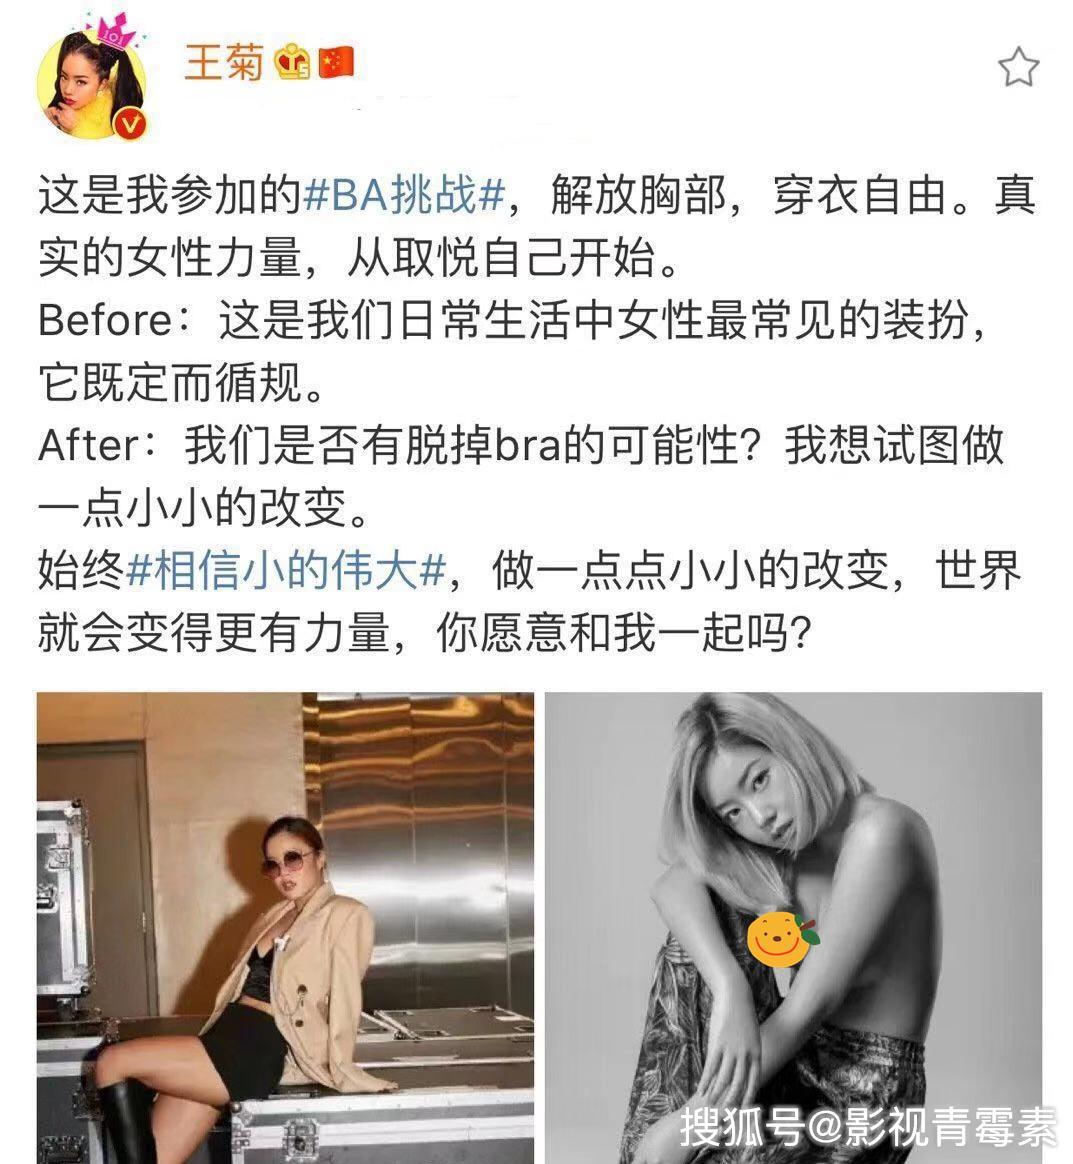 """原创王菊鼓励女性脱掉bra并以身作则,近照曝光被赞""""勇气可嘉"""""""